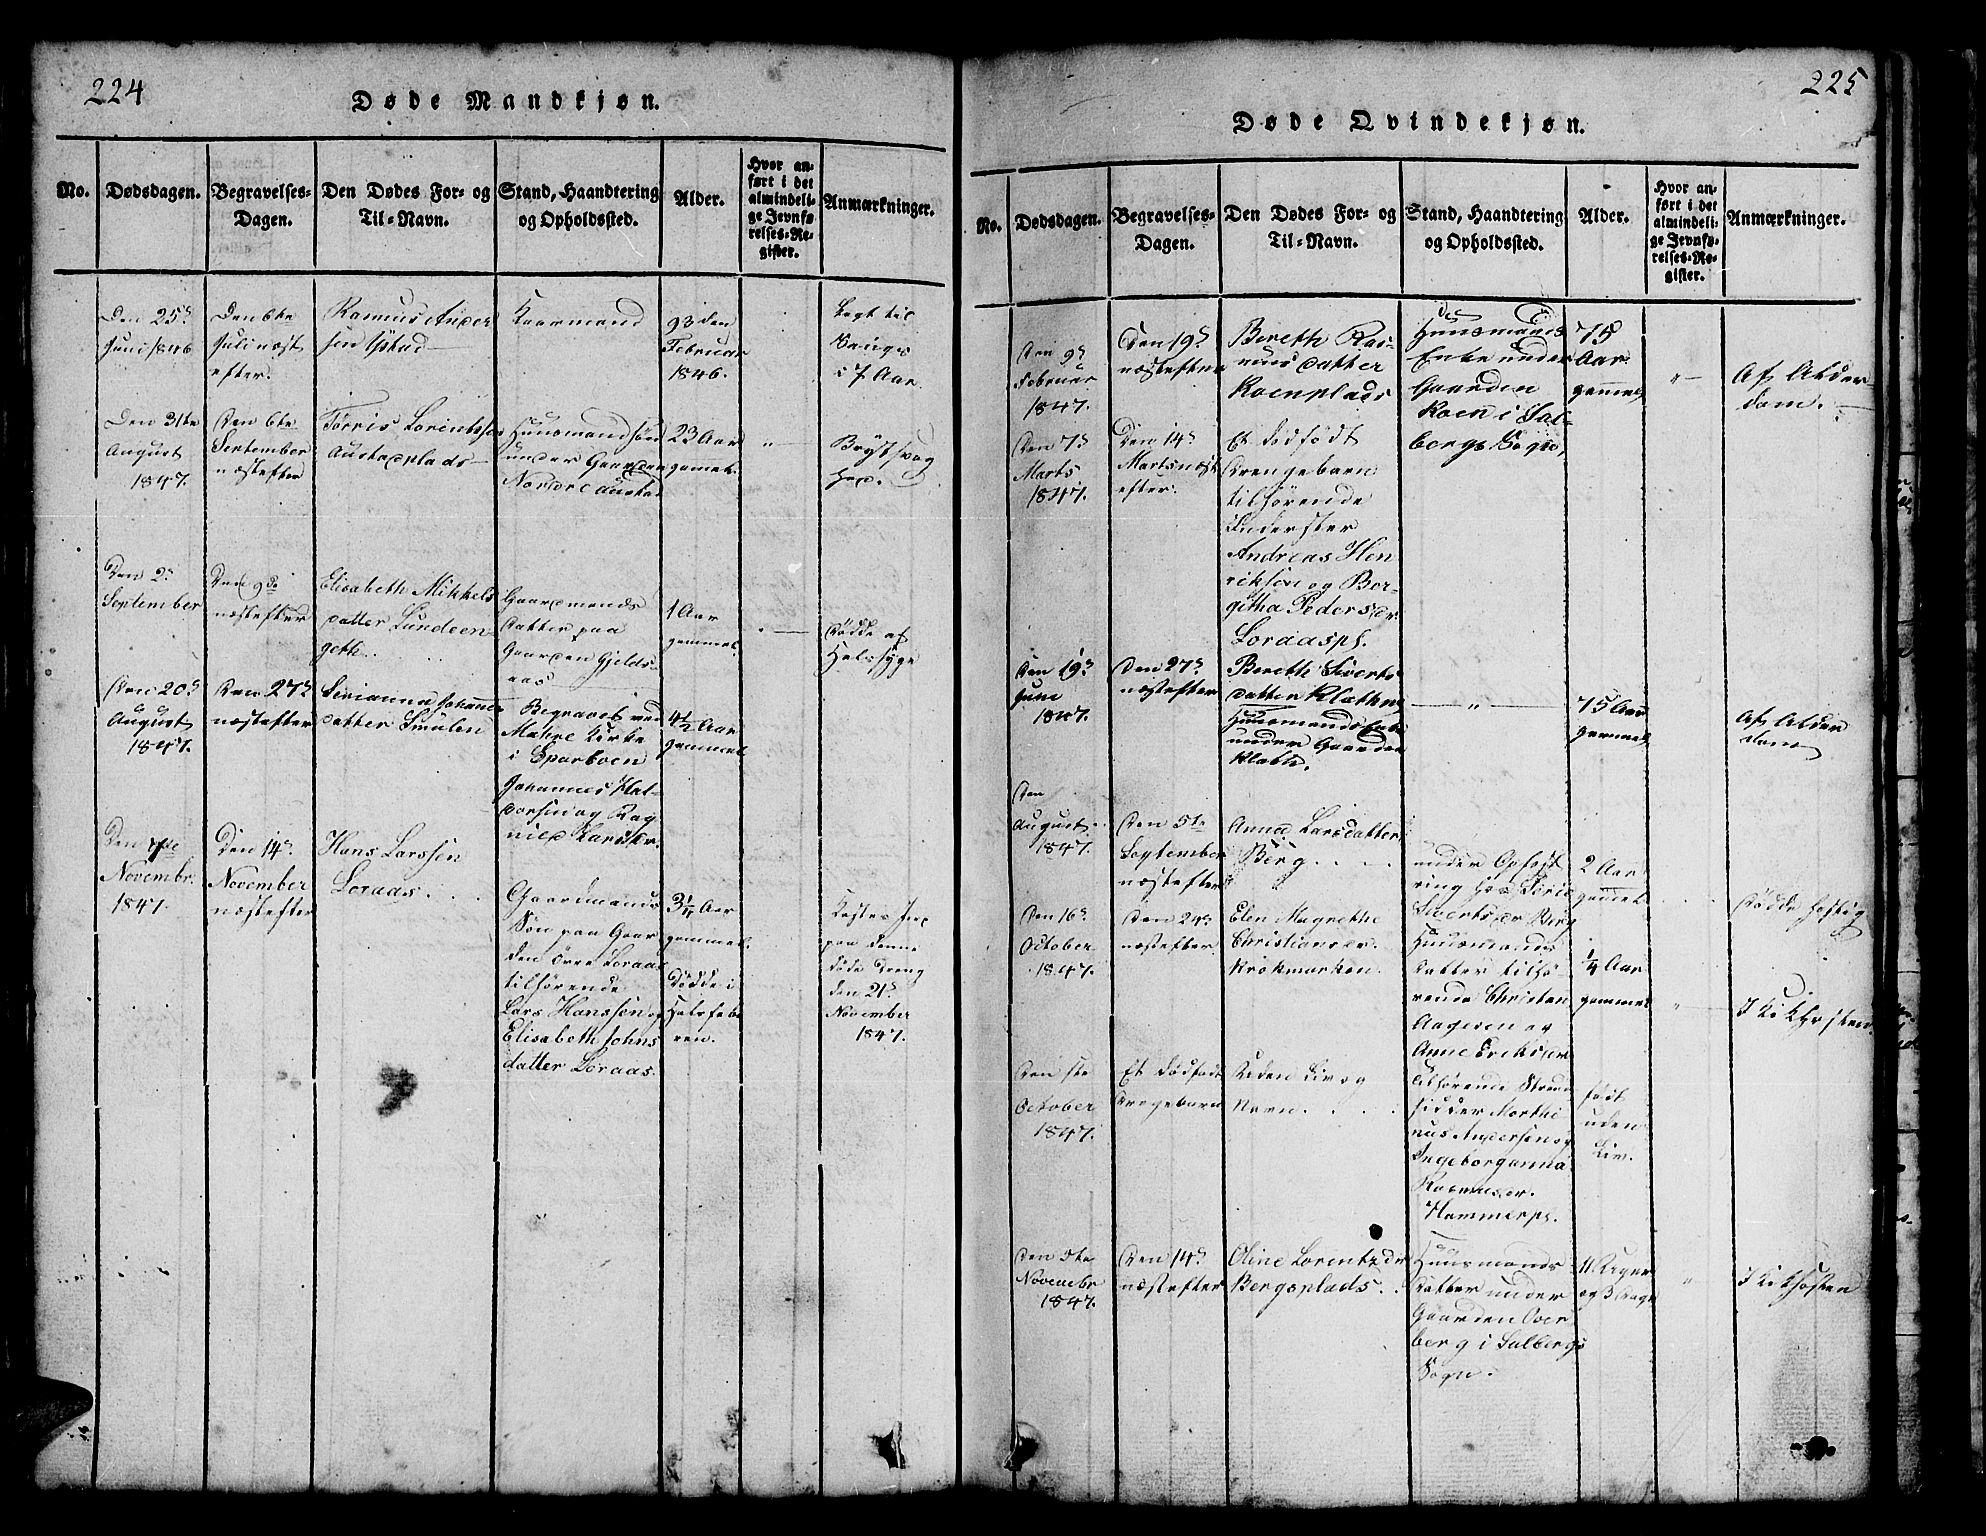 SAT, Ministerialprotokoller, klokkerbøker og fødselsregistre - Nord-Trøndelag, 731/L0310: Klokkerbok nr. 731C01, 1816-1874, s. 224-225